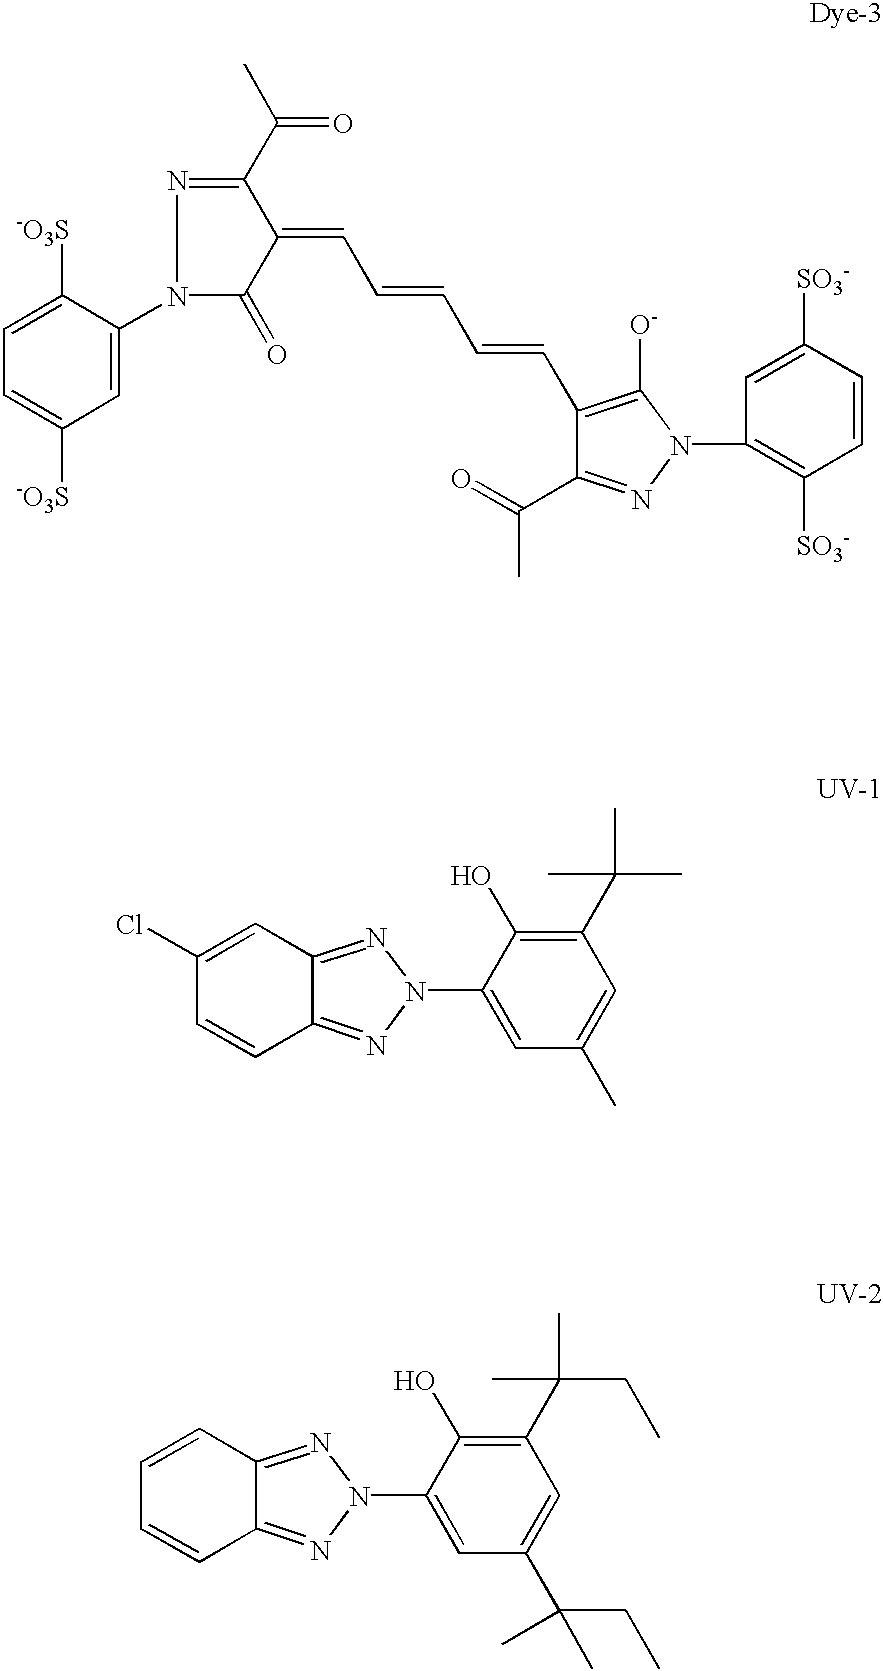 Figure US06645690-20031111-C00016